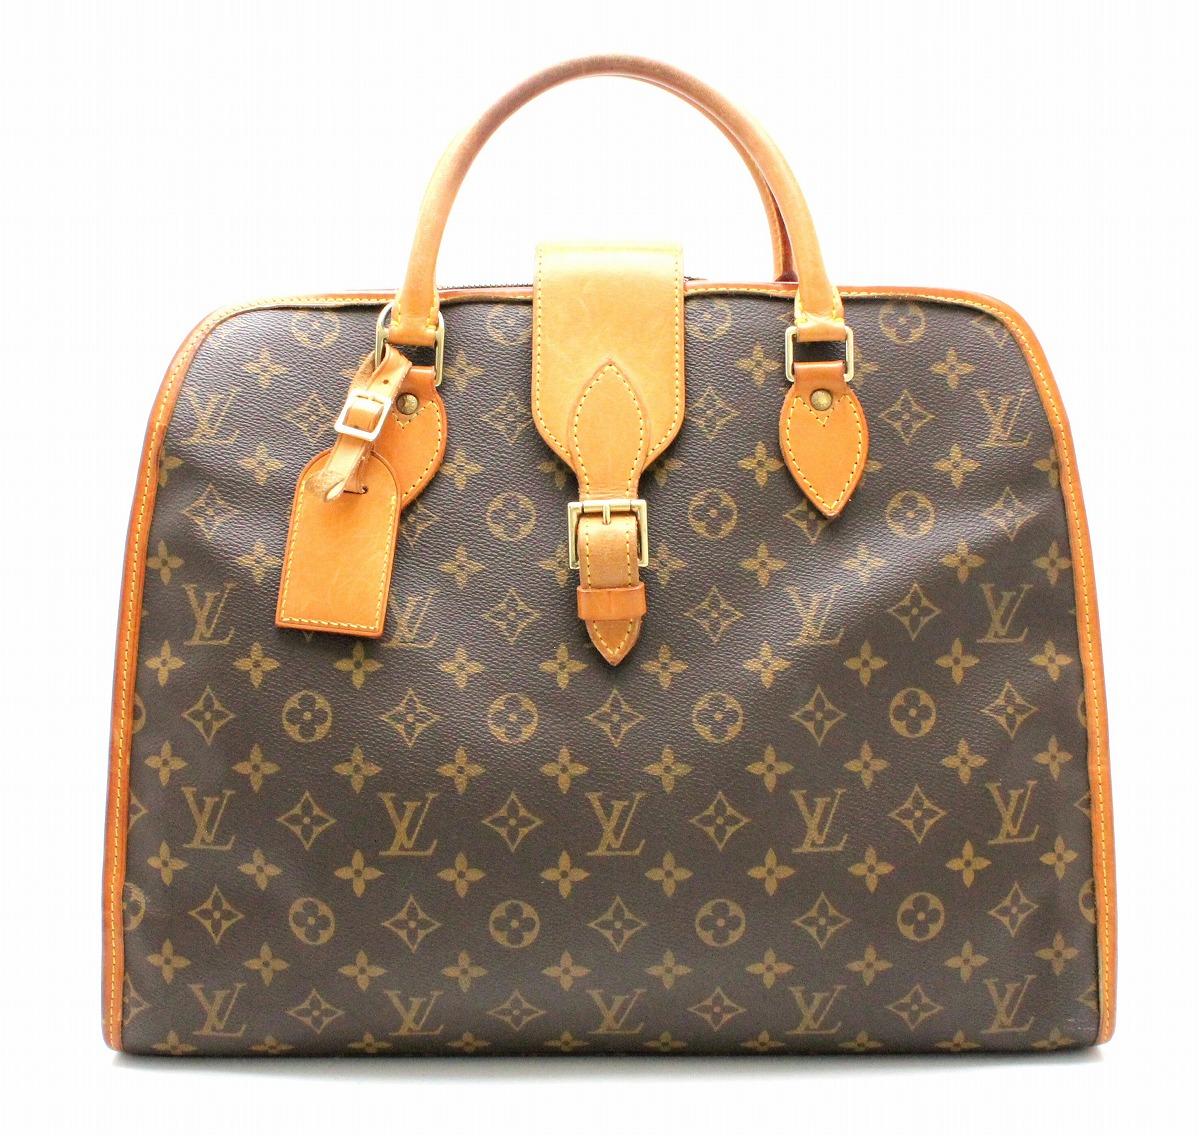 【バッグ】LOUIS VUITTON ルイ ヴィトン モノグラム リヴォリ トートバッグ ハンドバッグ ビジネスバッグ 書類バッグ M53380 【中古】【k】